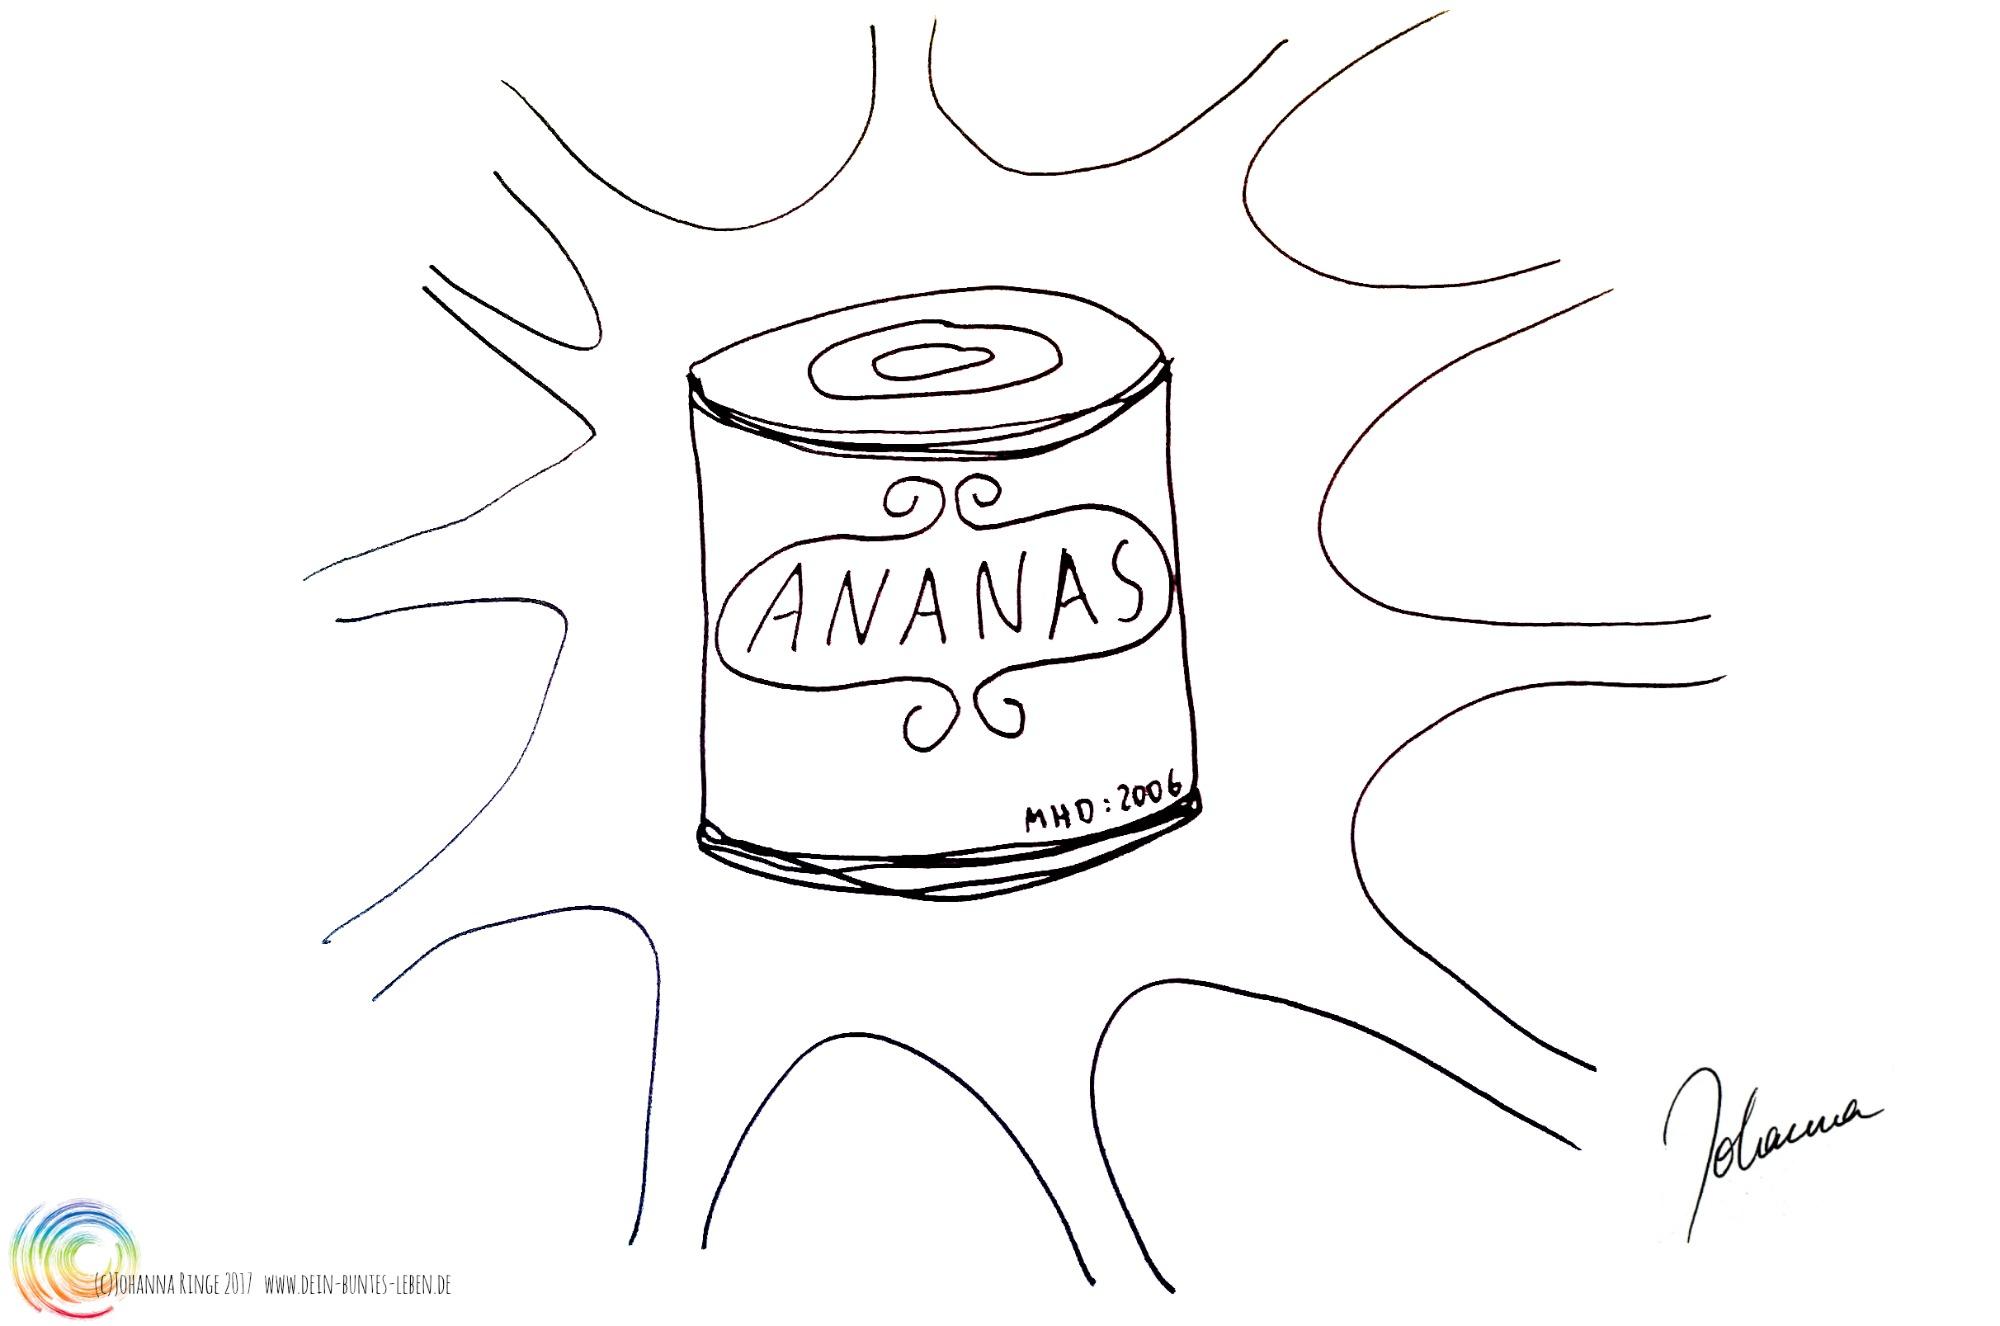 Gezeichnete Dose Ananas (Etwas zum Abschluss zu bringen tut nicht weh!) (c) Johanna Ringe 2017 www.dein-buntes-leben.de